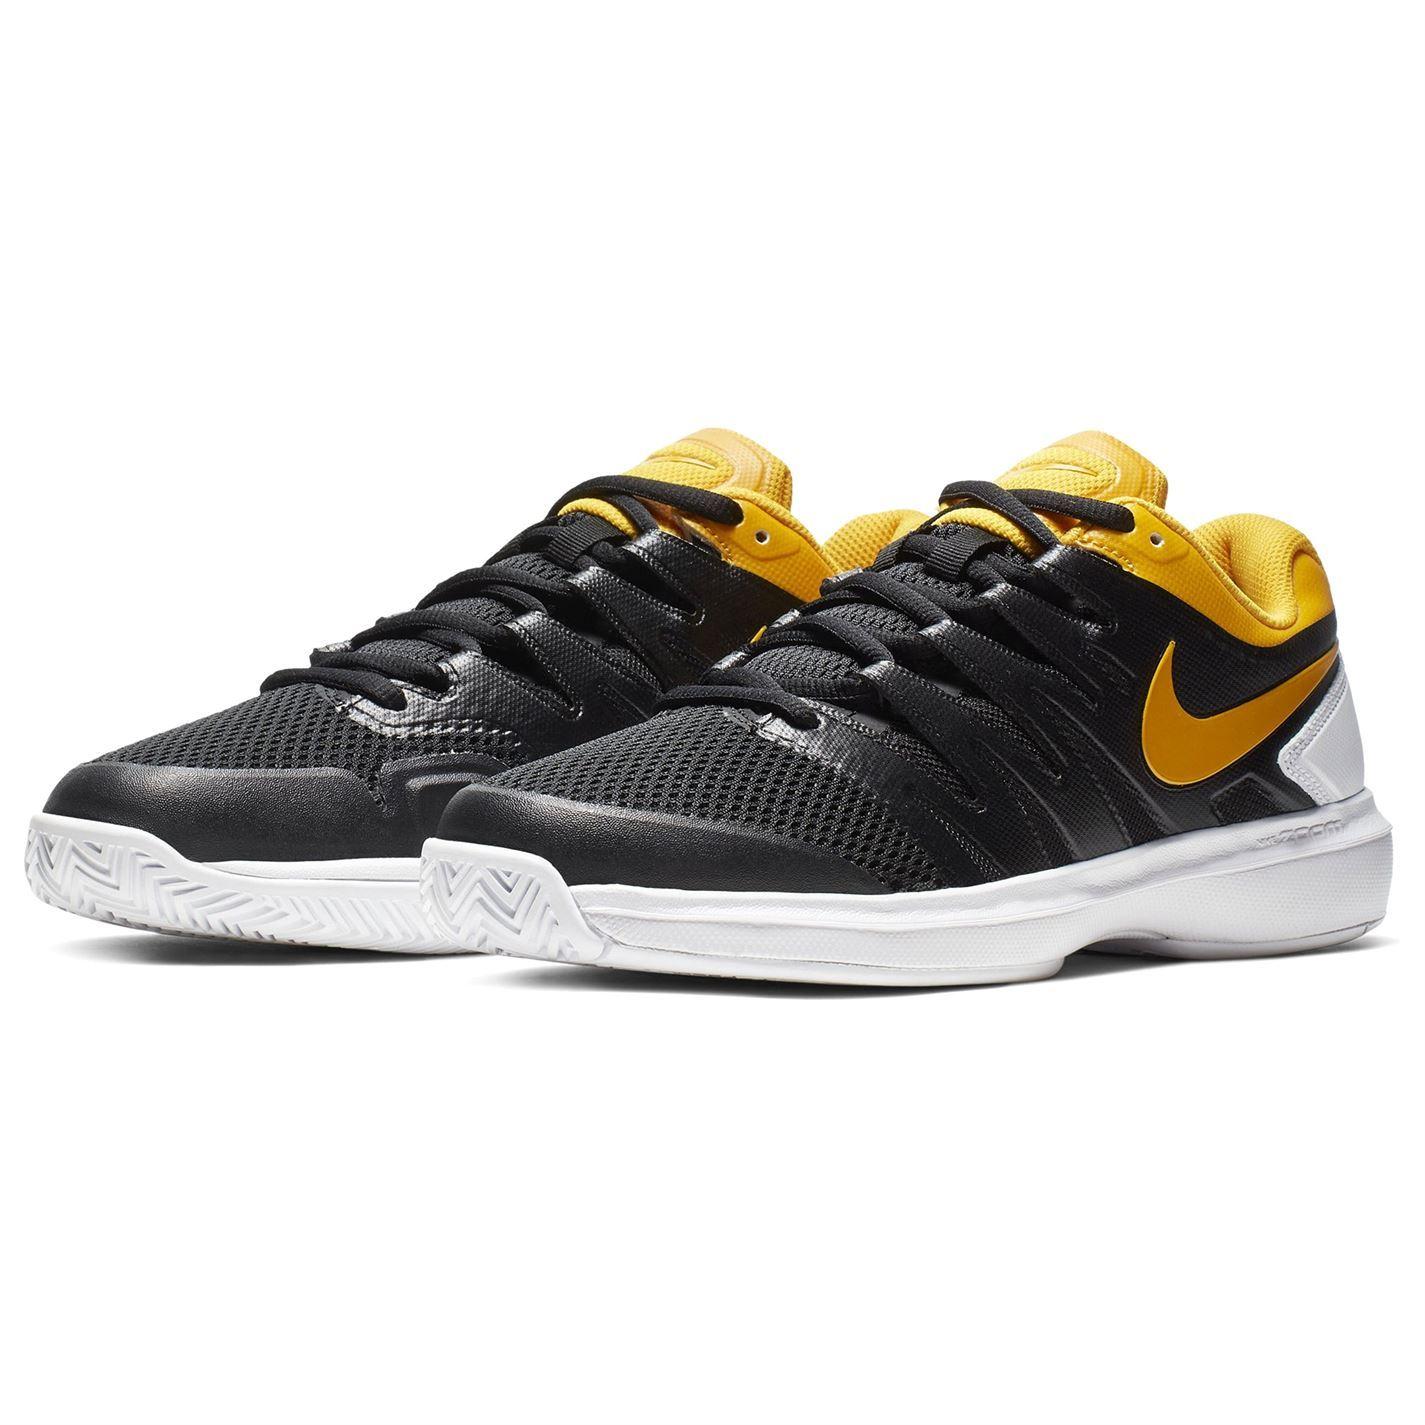 Nike Air Zoom Prestige Mens Tennis